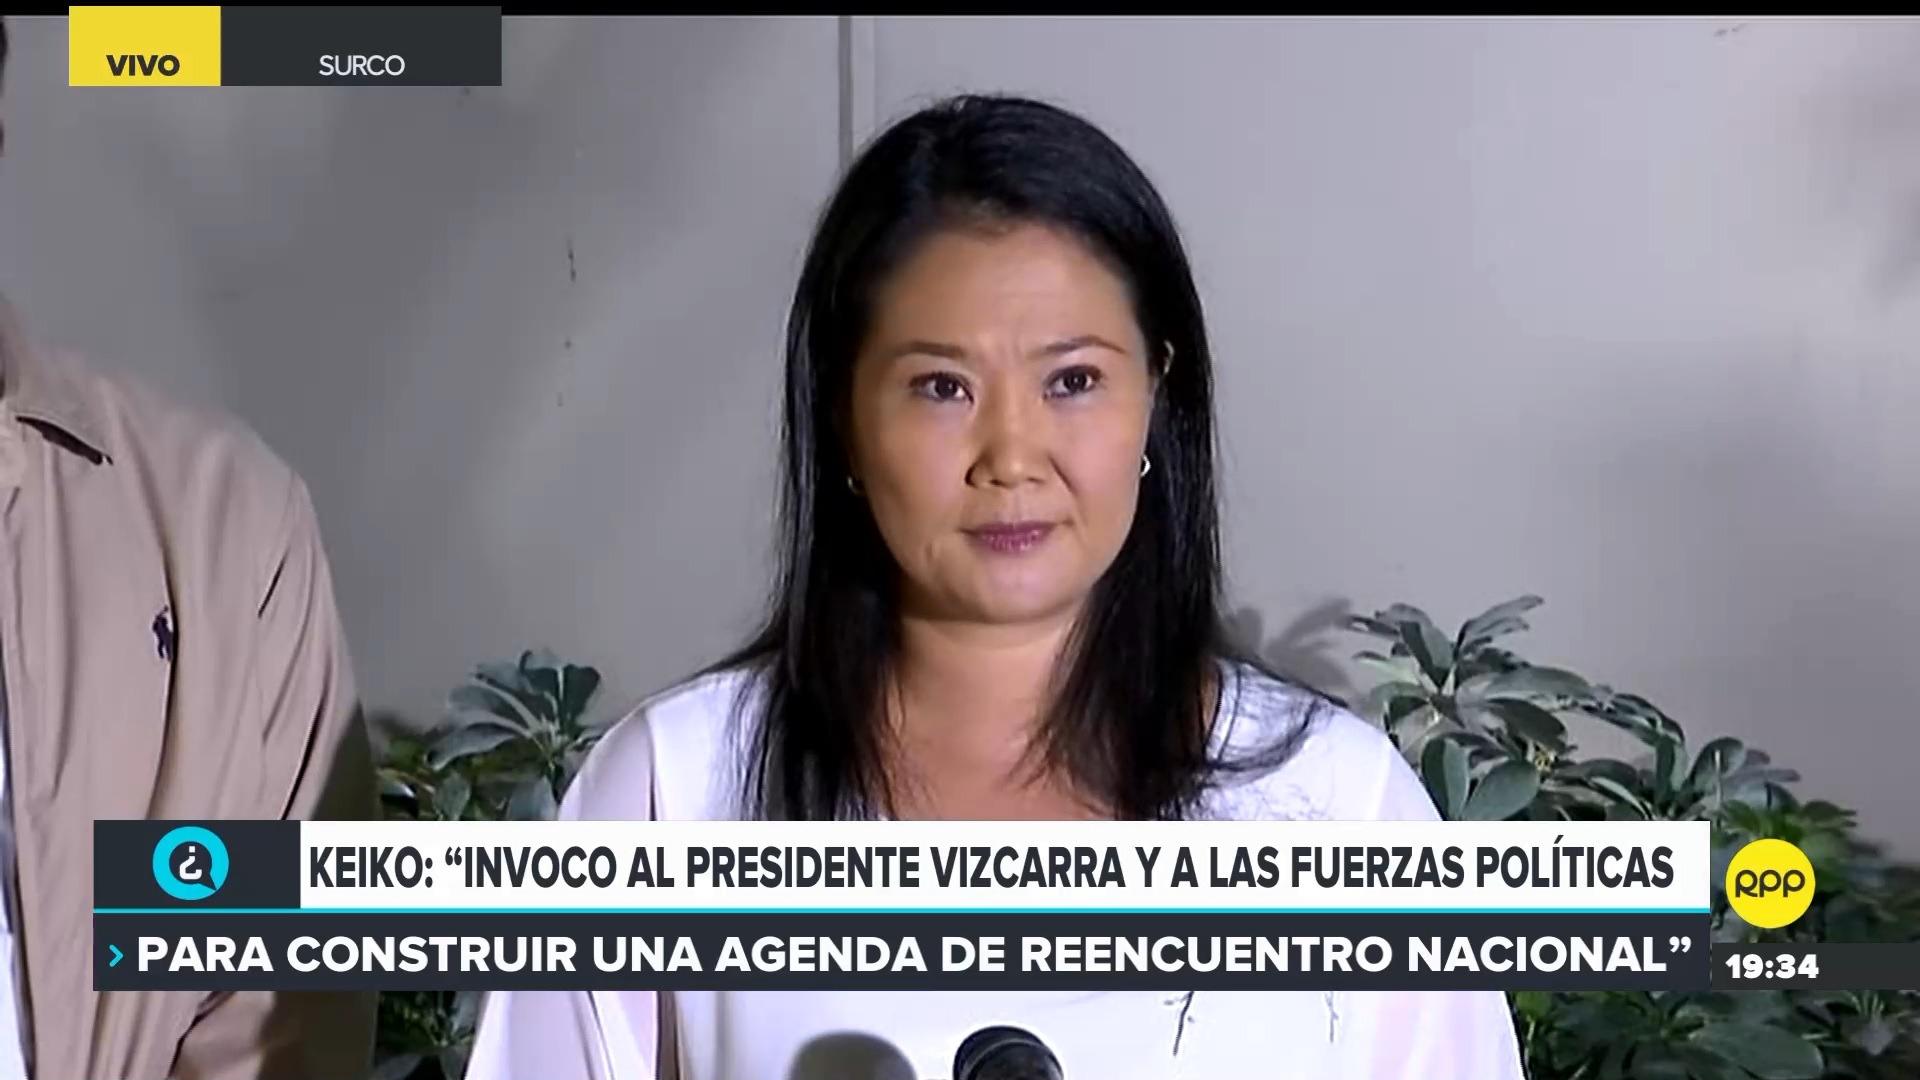 La lideresa de Fuerza Popular afronta un pedido de 36 meses de prisión preventiva.